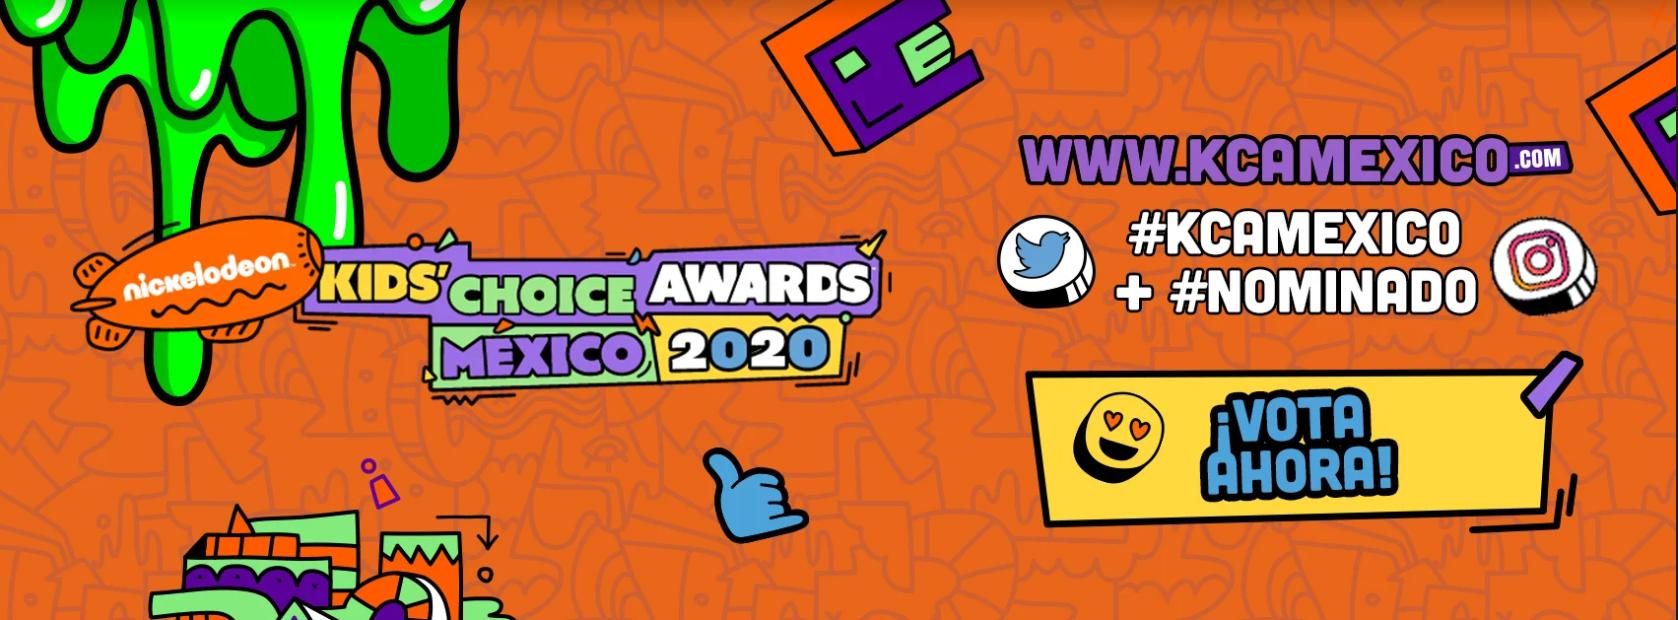 Conoce a los pre-nominados en los Kids' Choice Awards México 2020